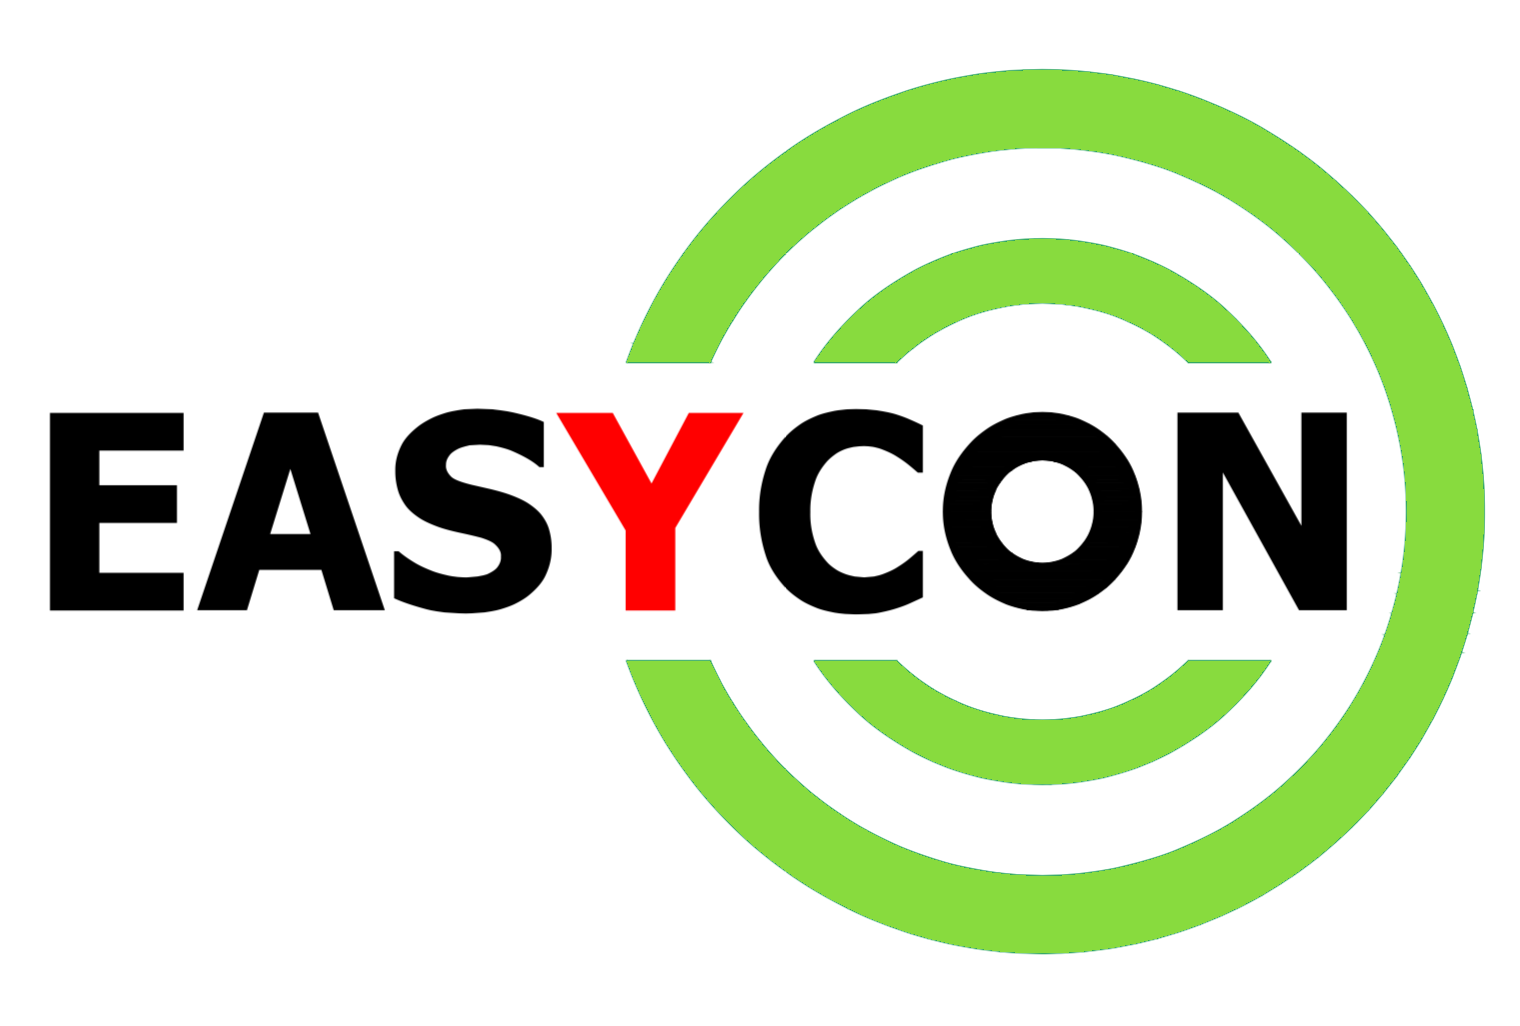 EASYCON